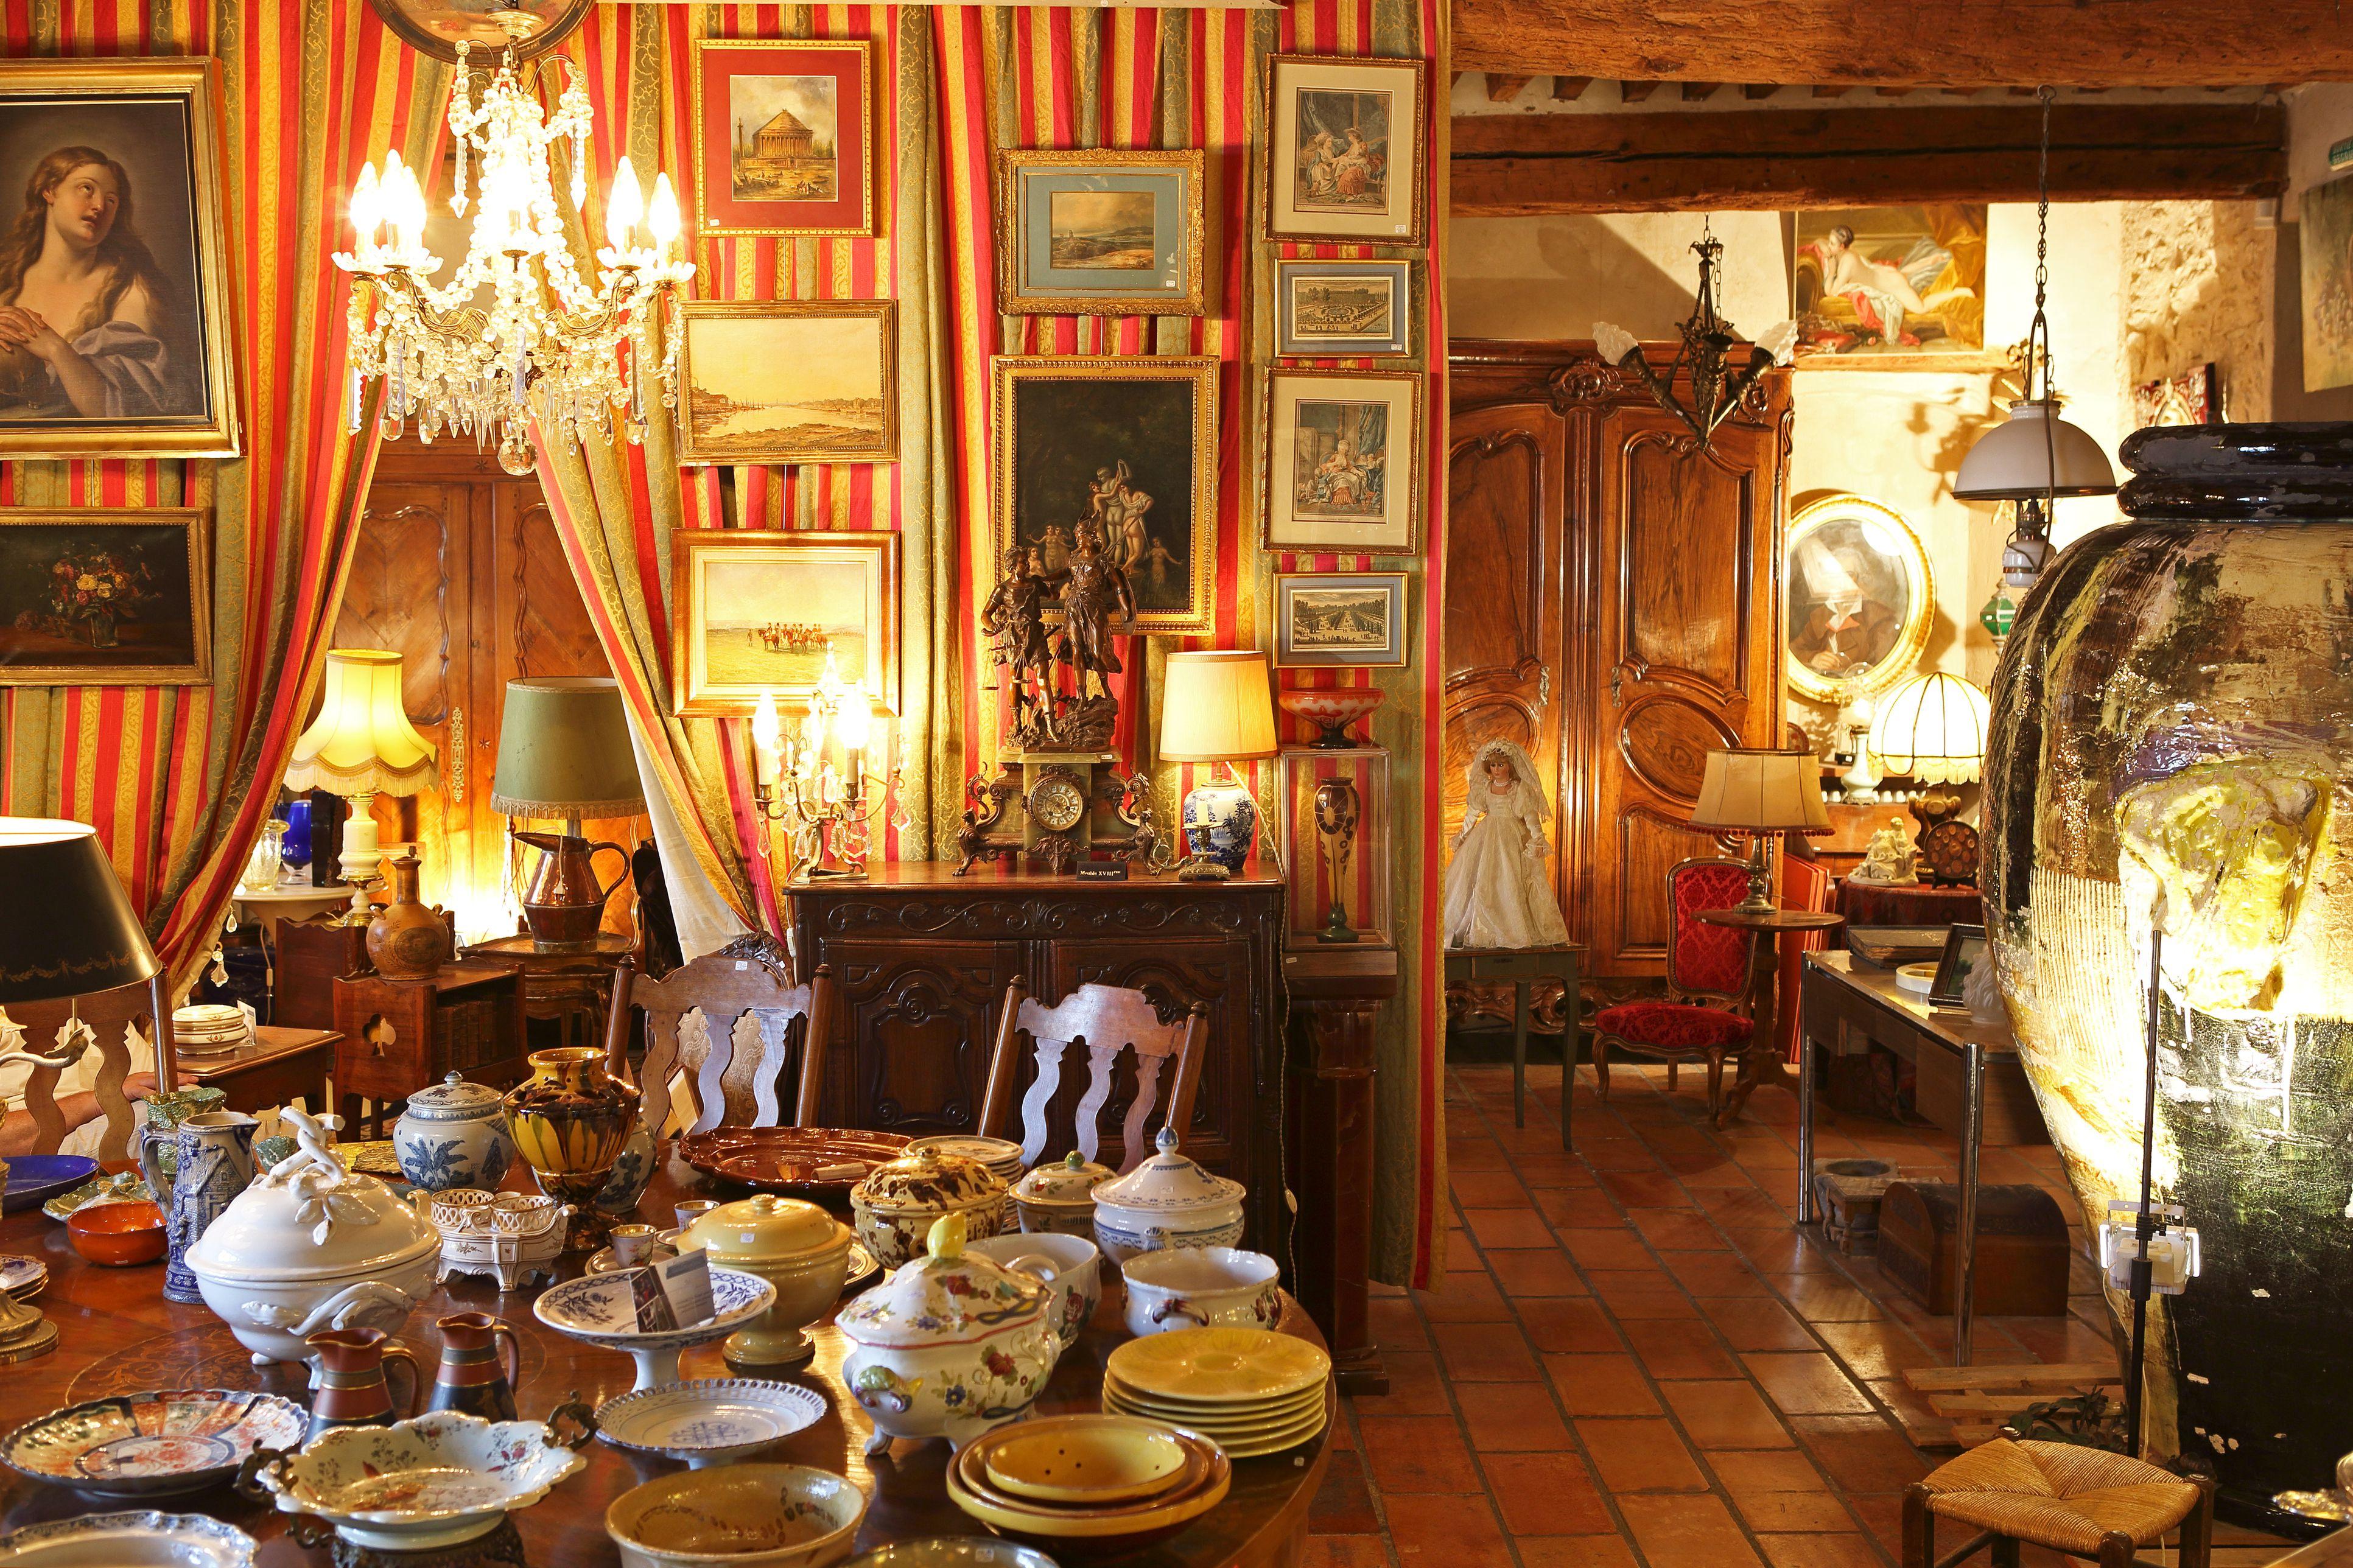 Antique shop, L'Isle-sur-la-Sorgue, Vaucluse, Provence